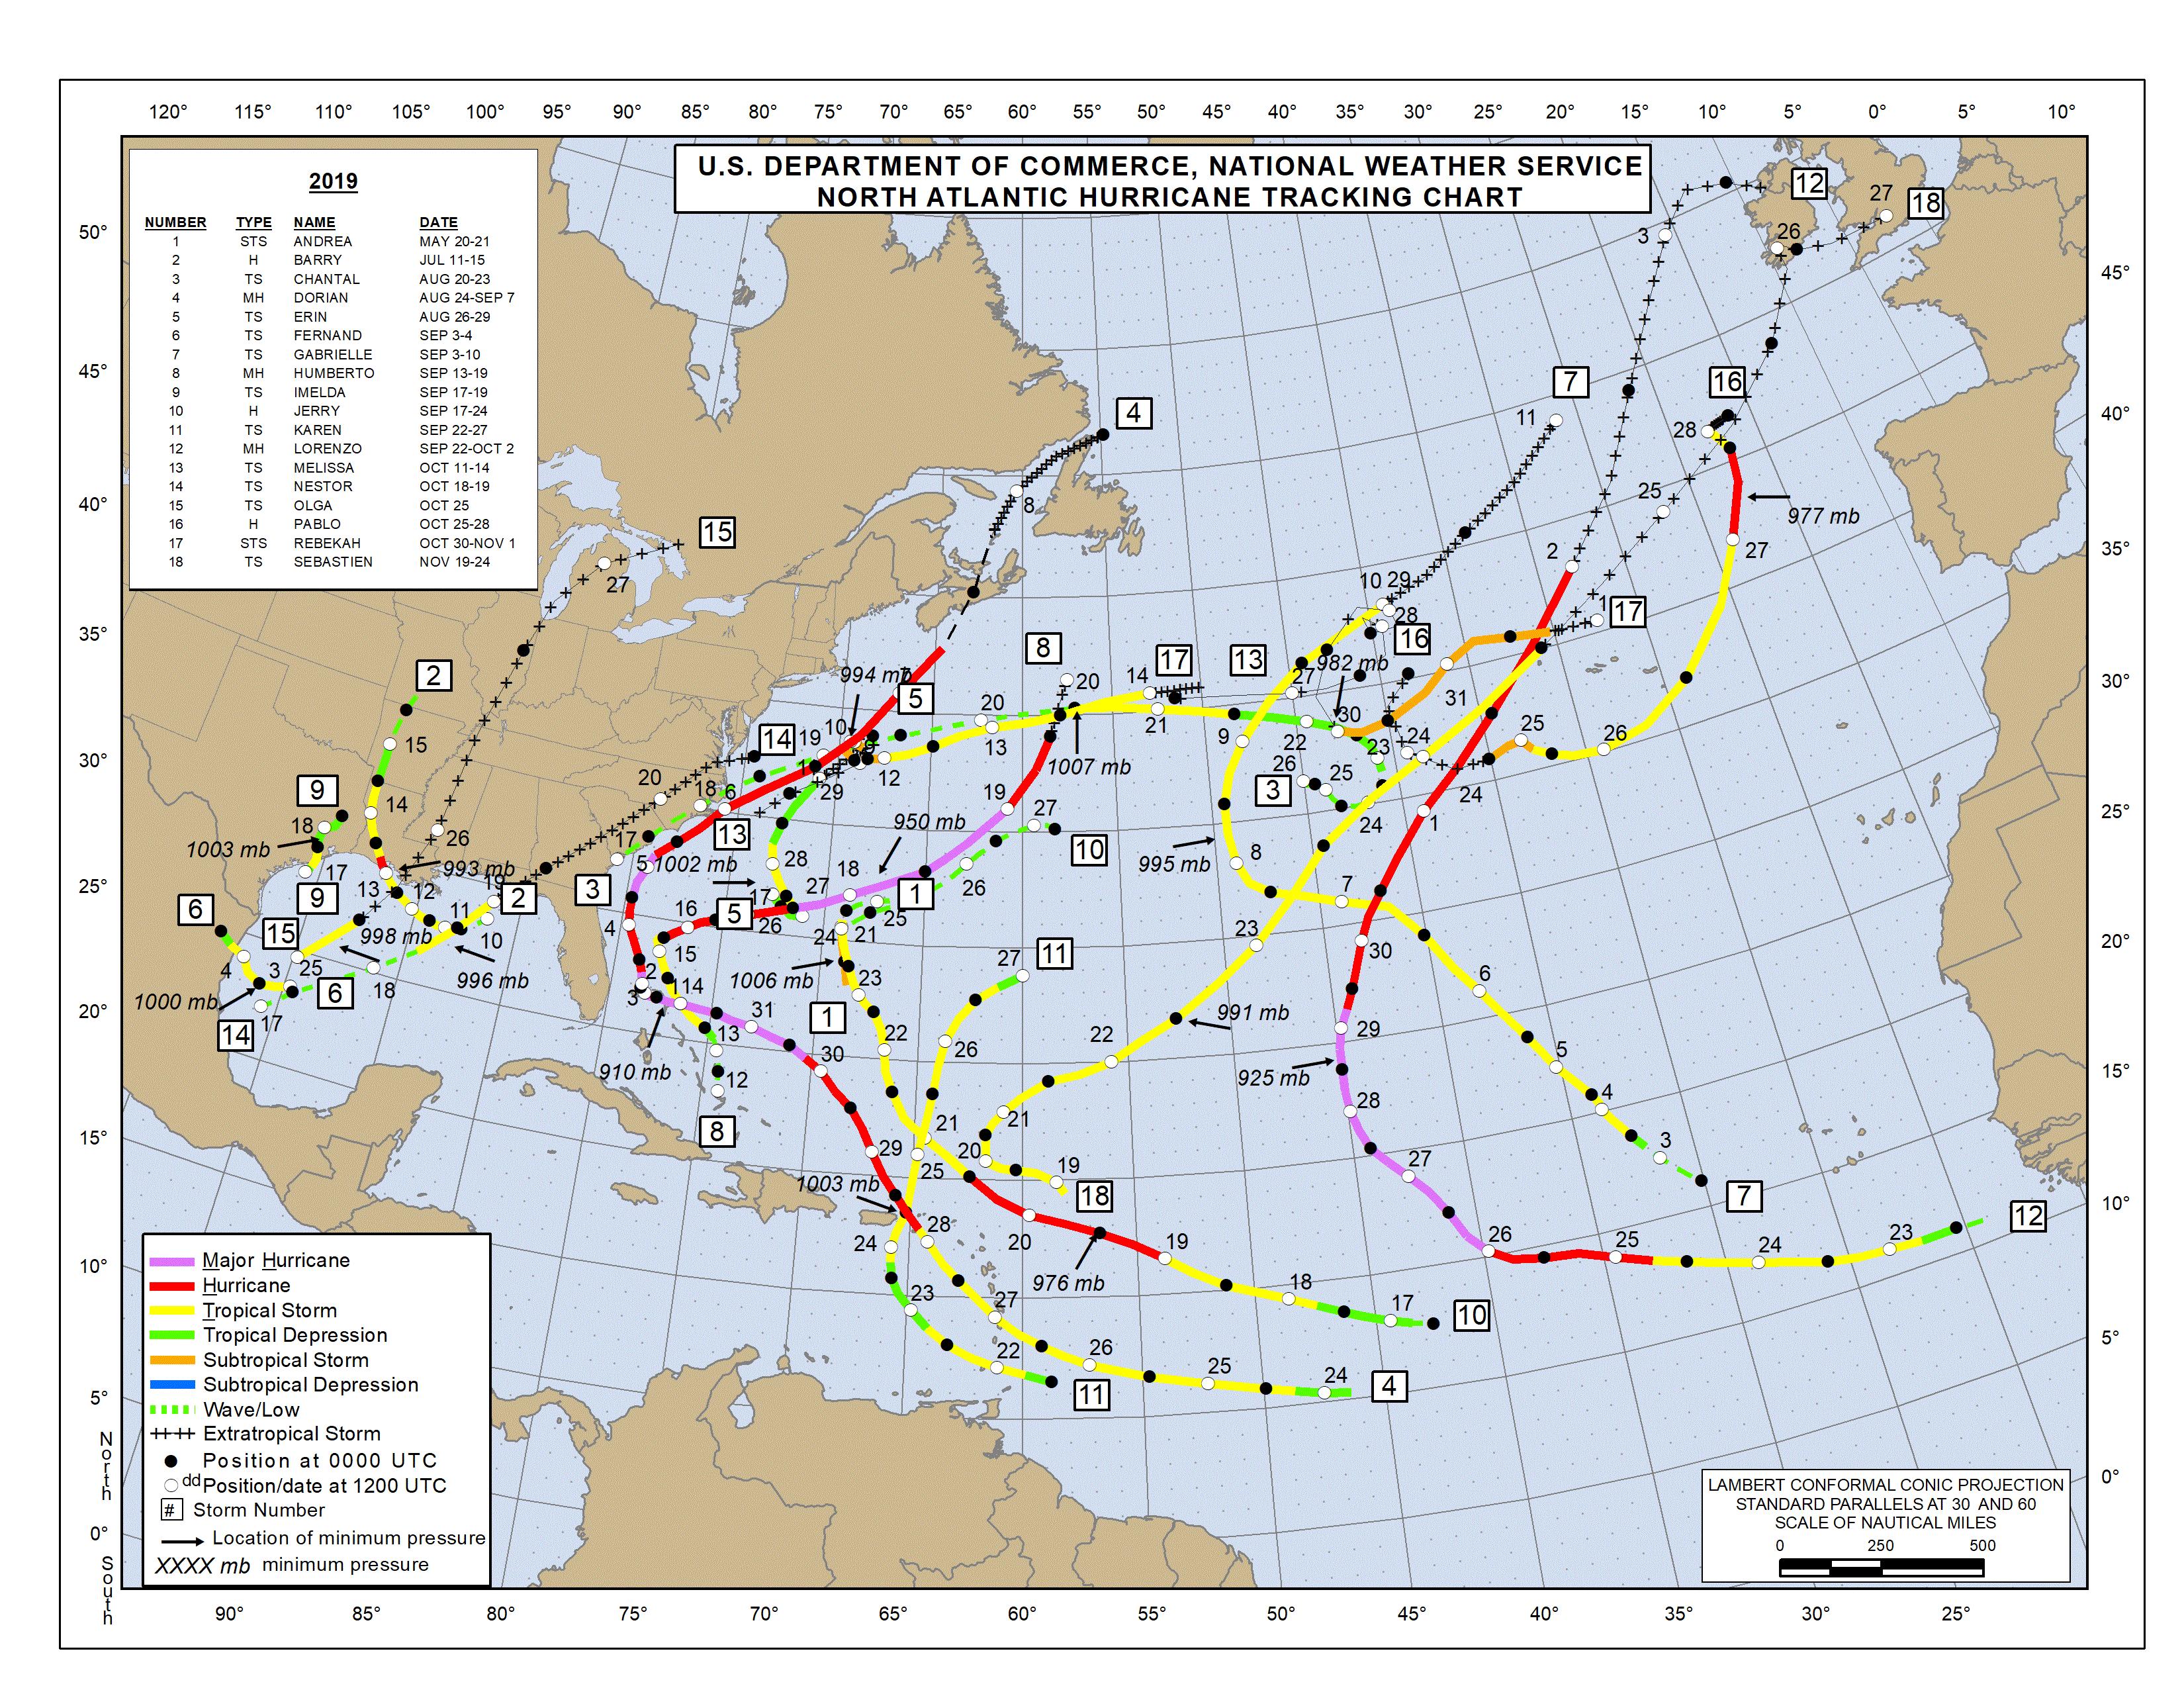 Nombres y Trayectorias de Tormentas y Ciclones en la Temporada Ciclónica del 2019